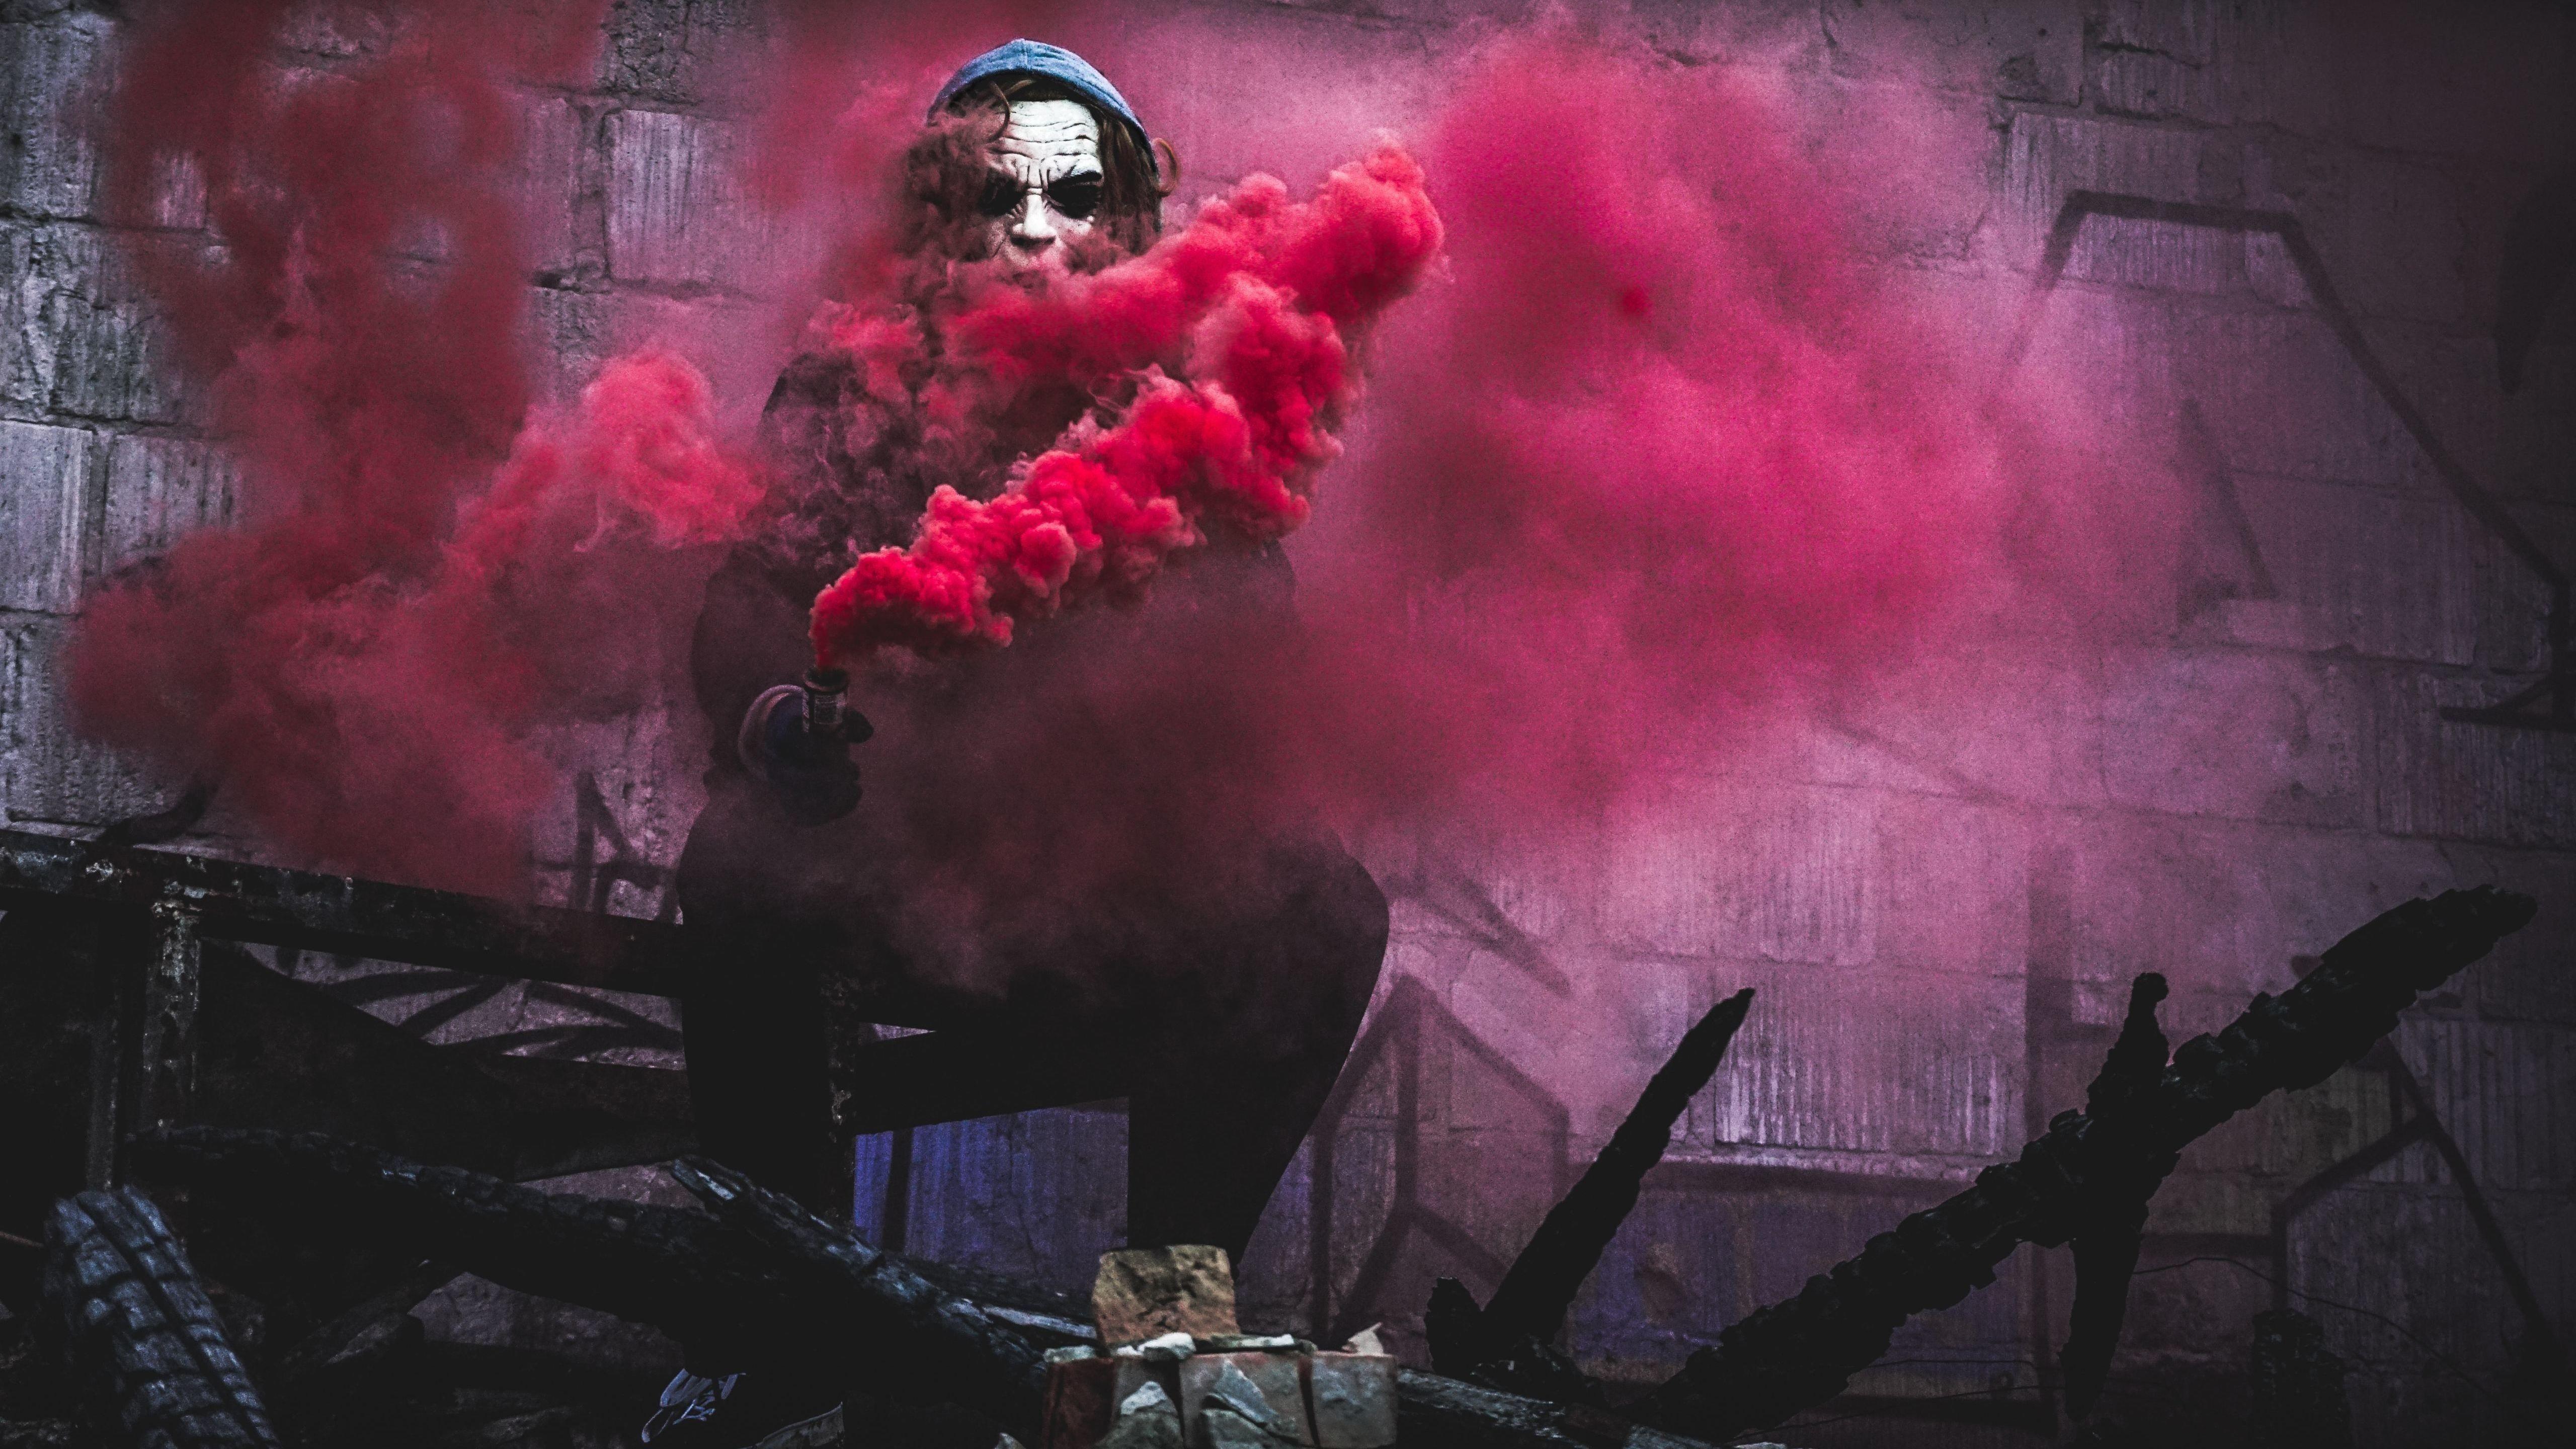 Smoking Joker Wallpapers - Top Free Smoking Joker ...